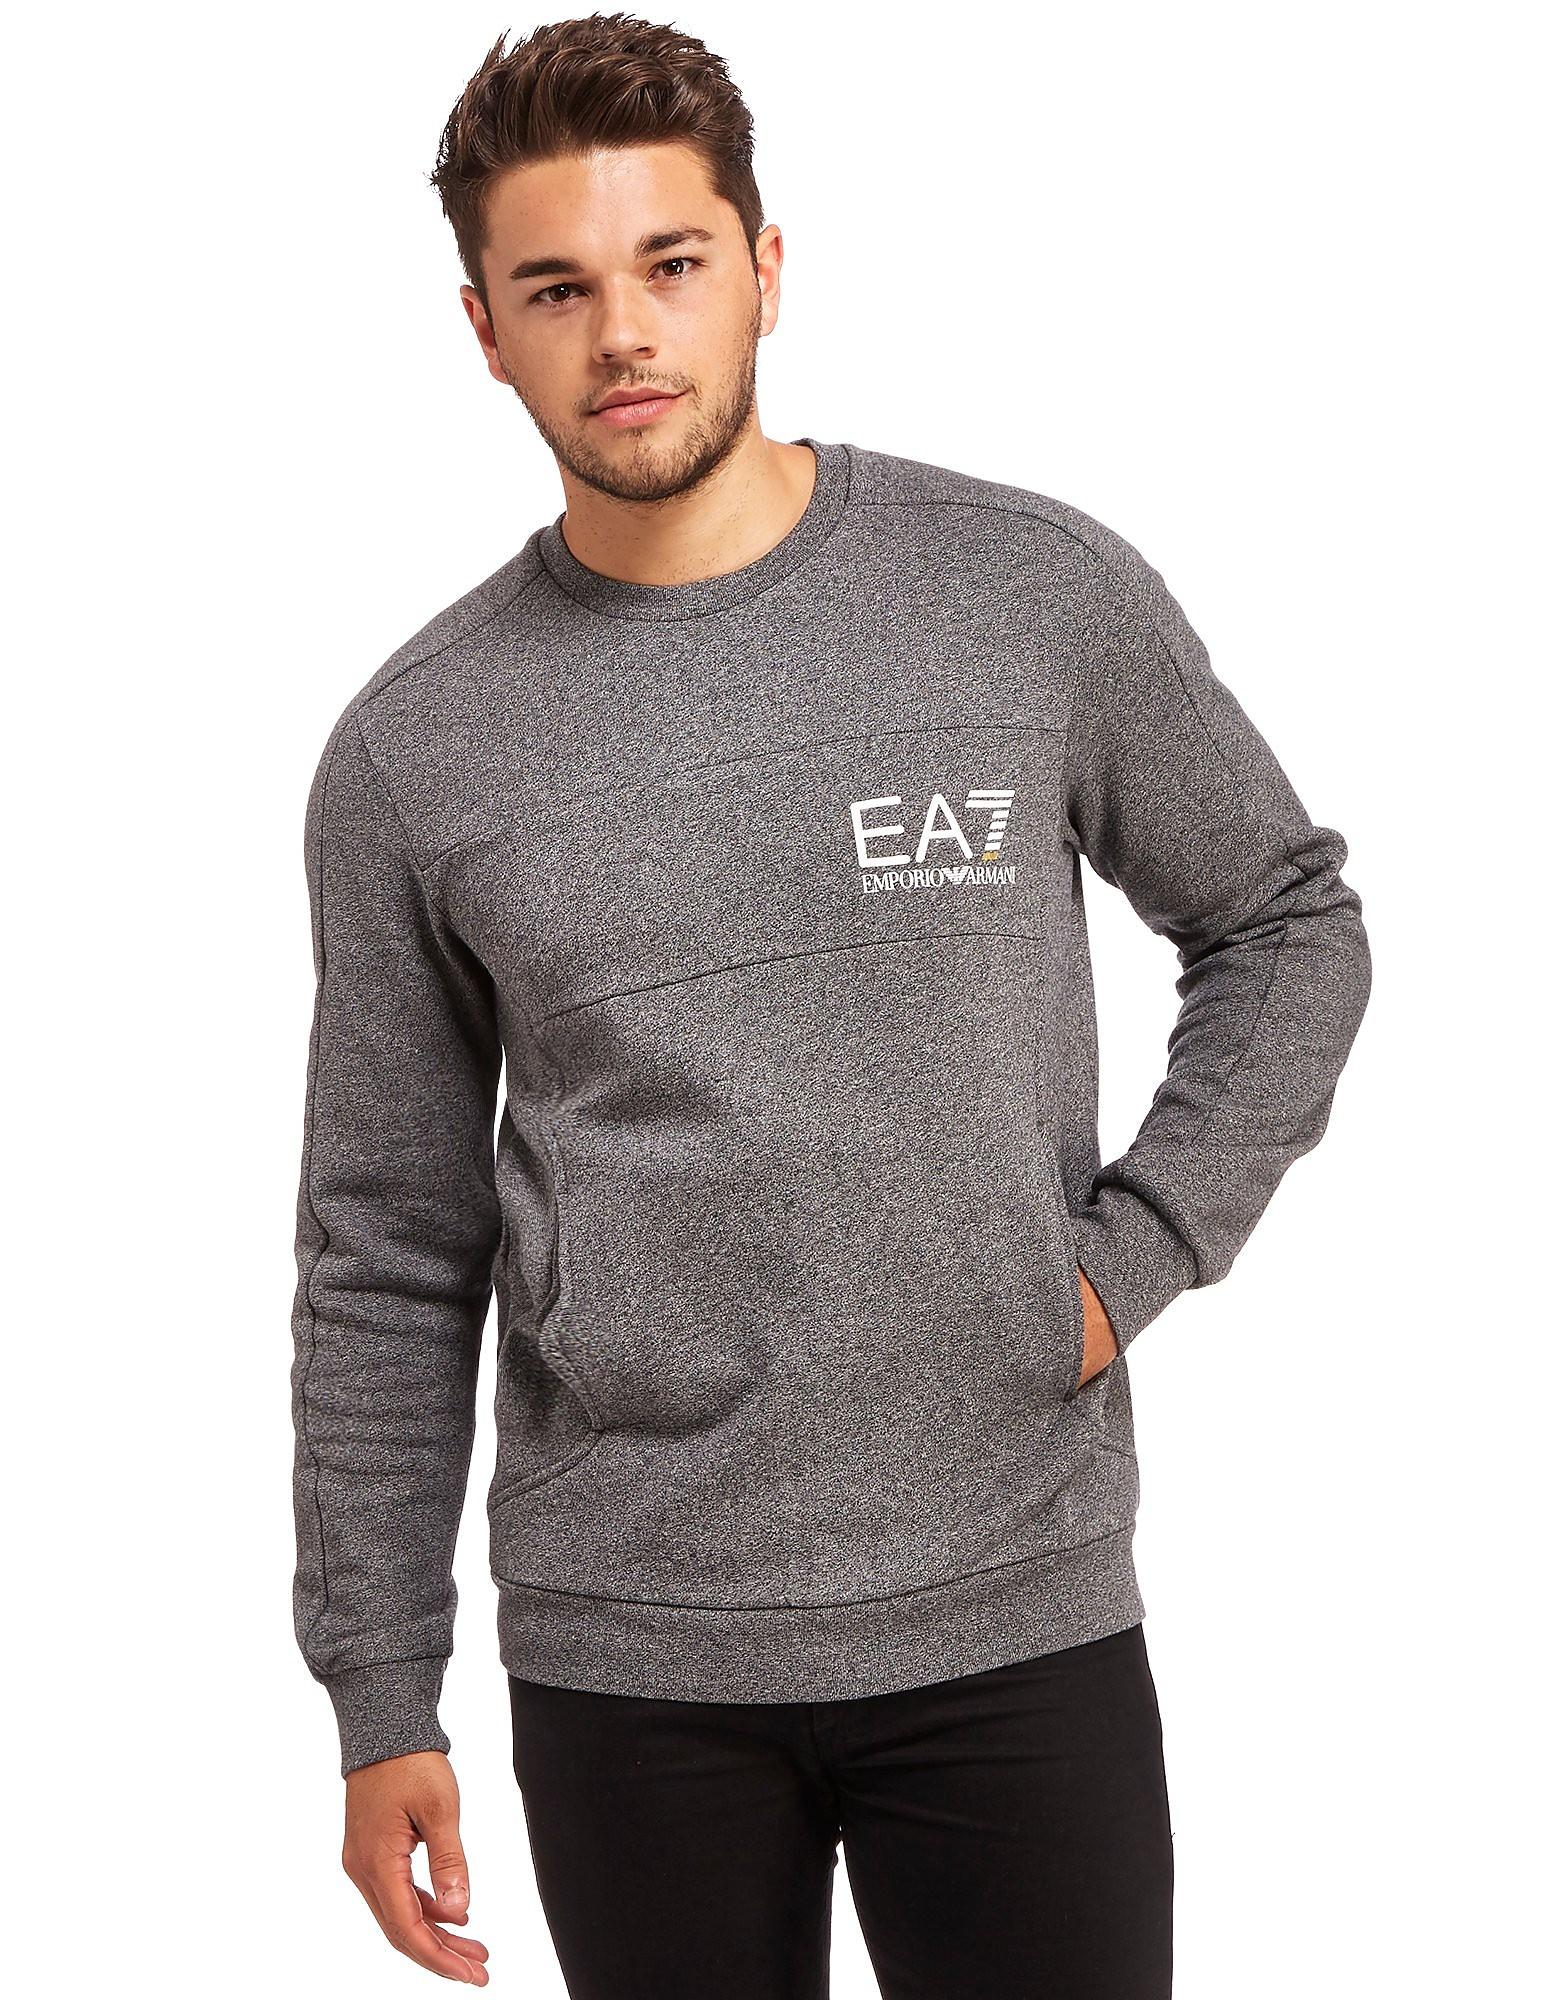 Emporio Armani EA7 Enhanced Crew Sweatshirt